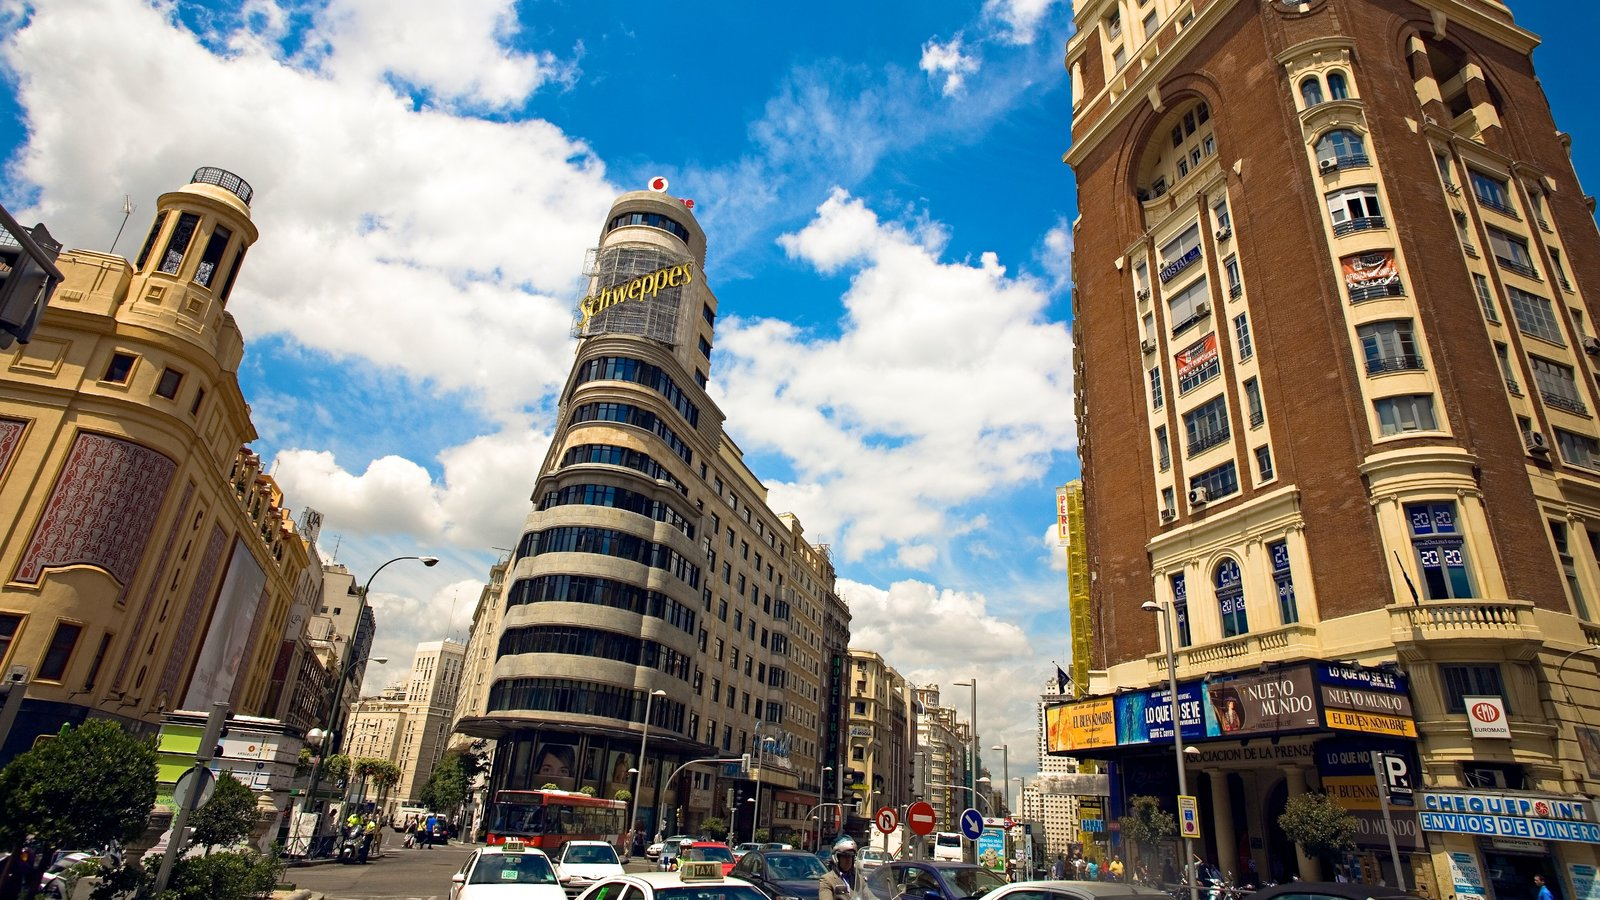 Gran Vía - Puerta del Sol ofreciendo patrimonio de arquitectura, escenas urbanas y una ciudad